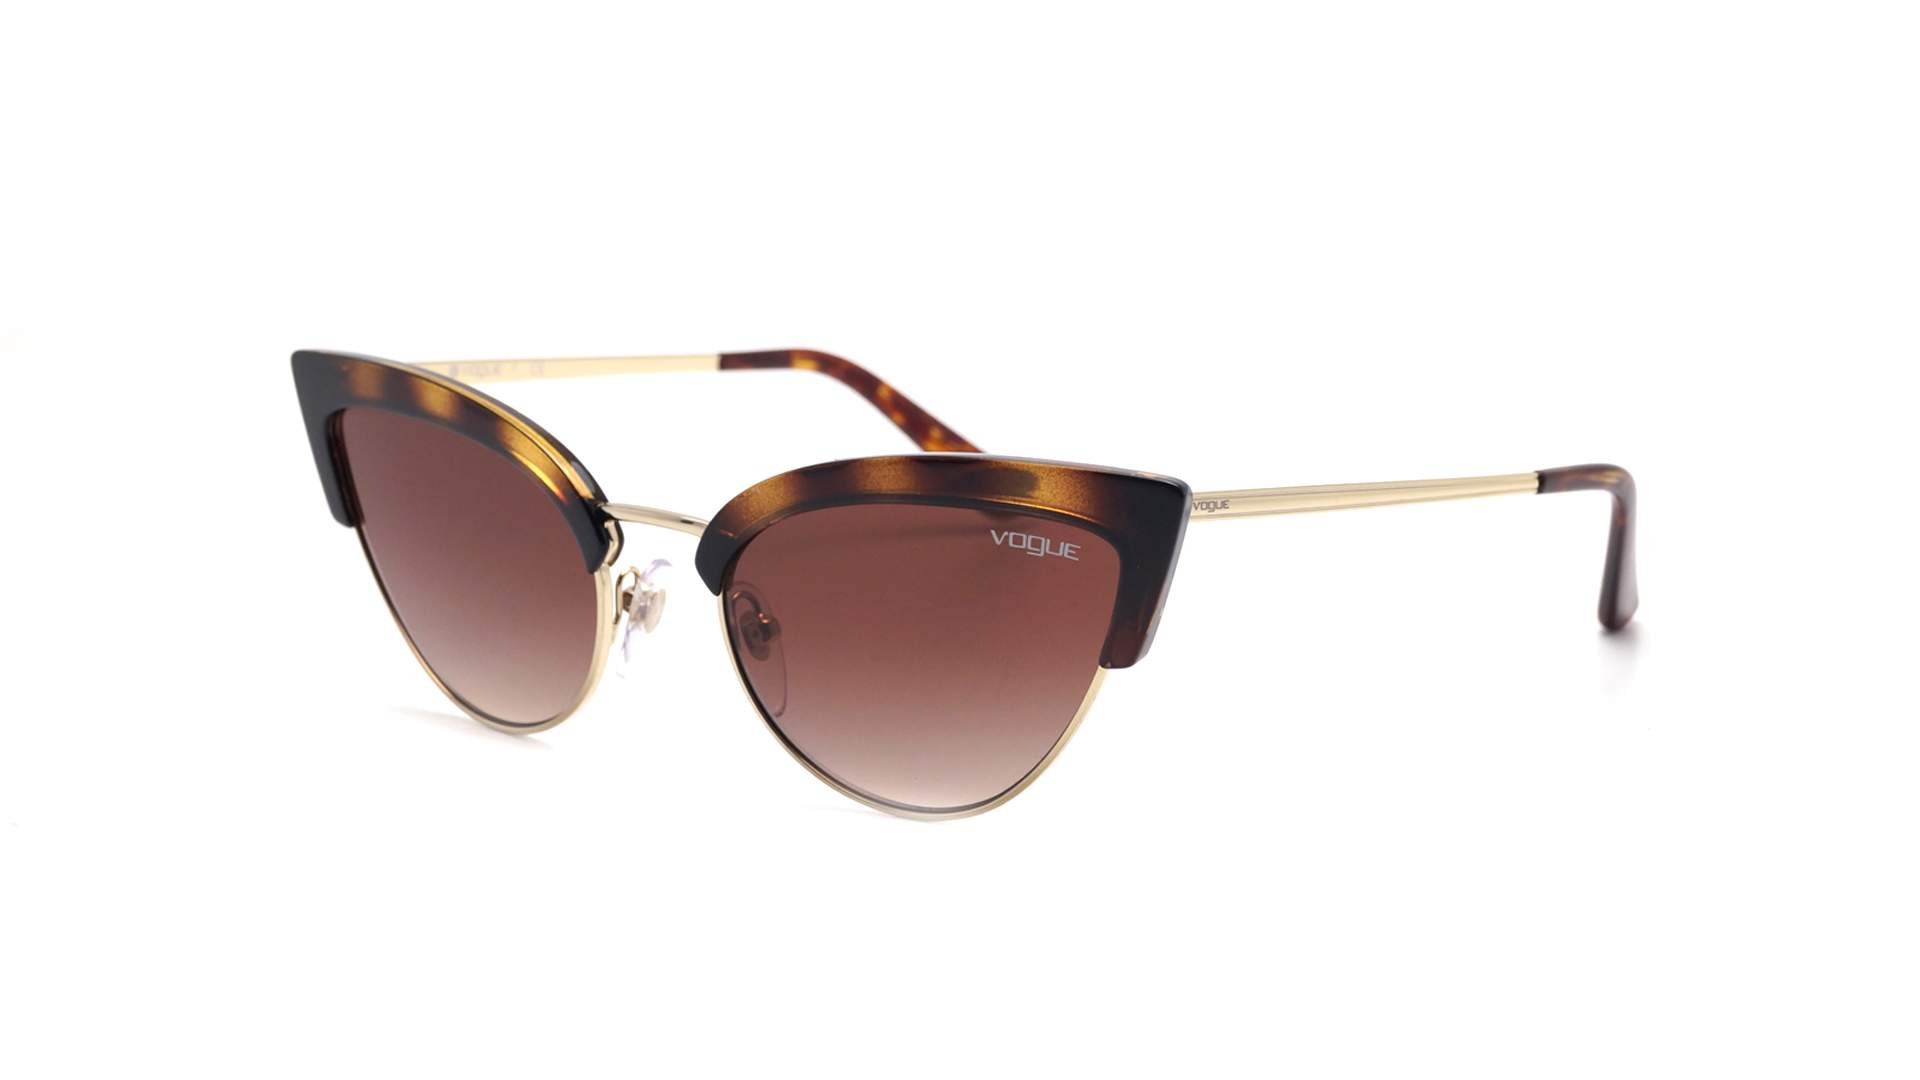 Lunettes de soleil Vogue Retro glam Écaille VO5212S W65613 55-19 Medium  Dégradés 752e0bad7816